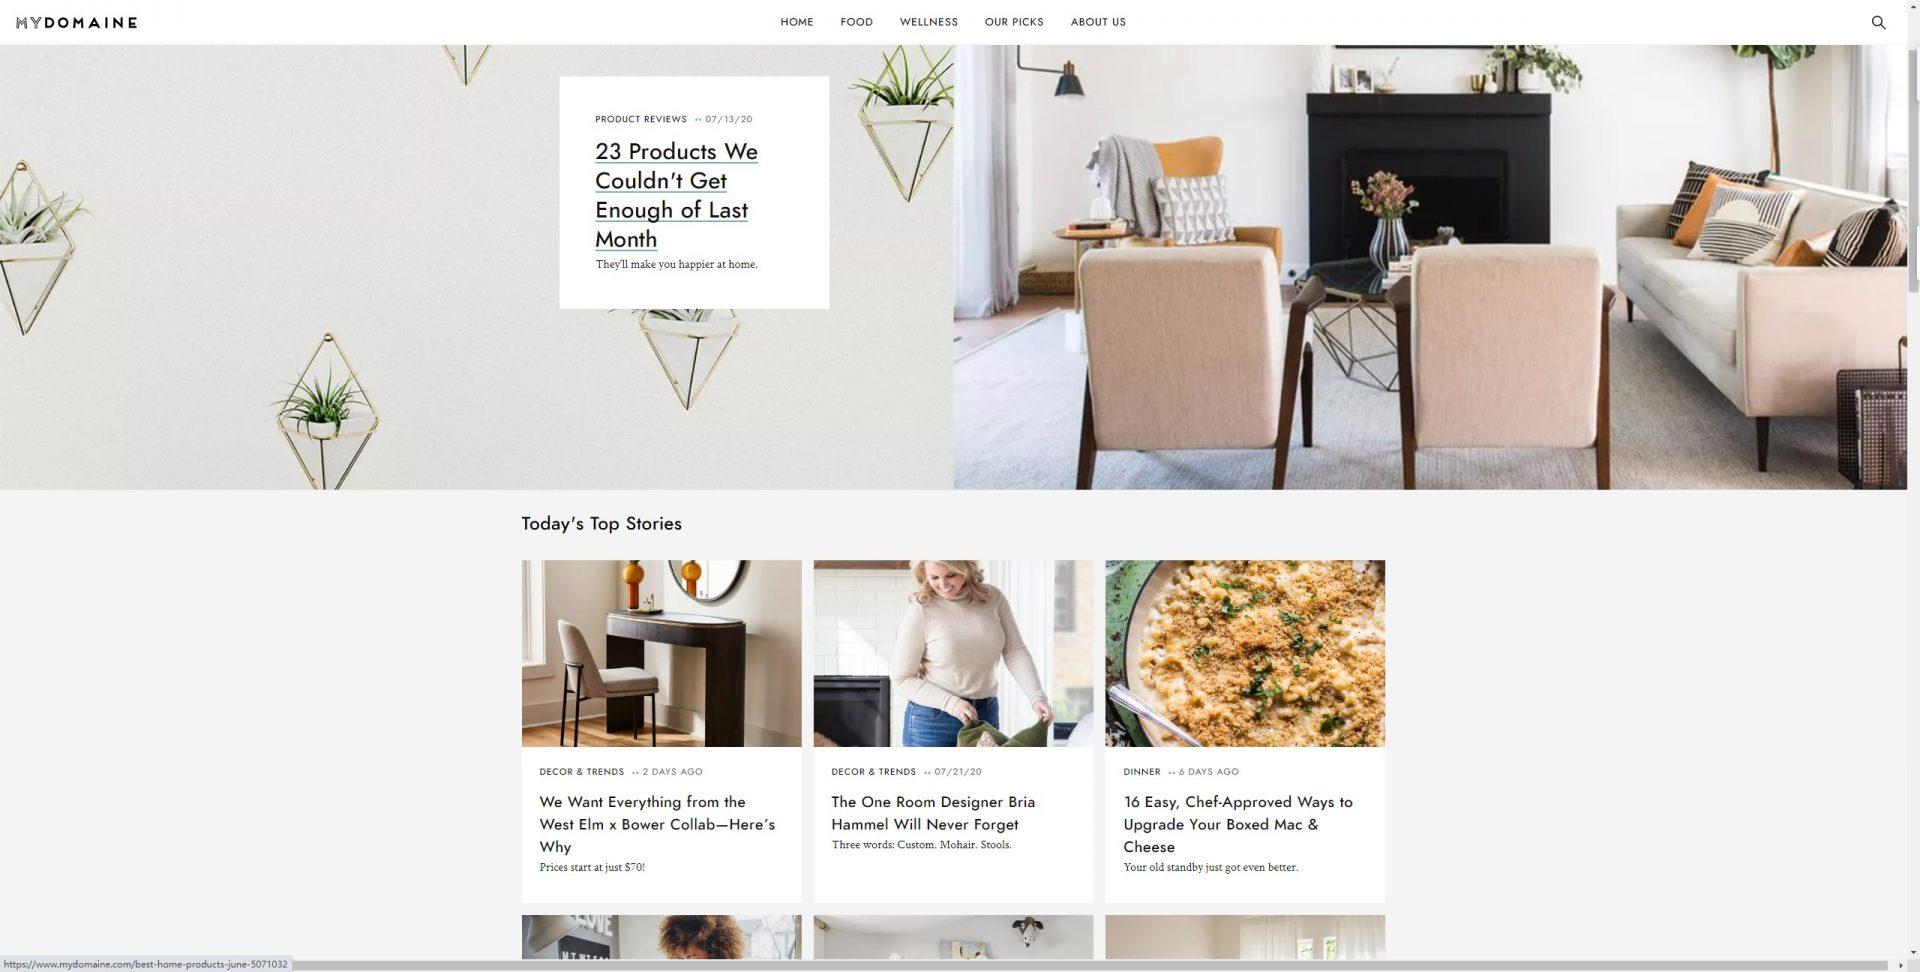 餐饮行业网站案例